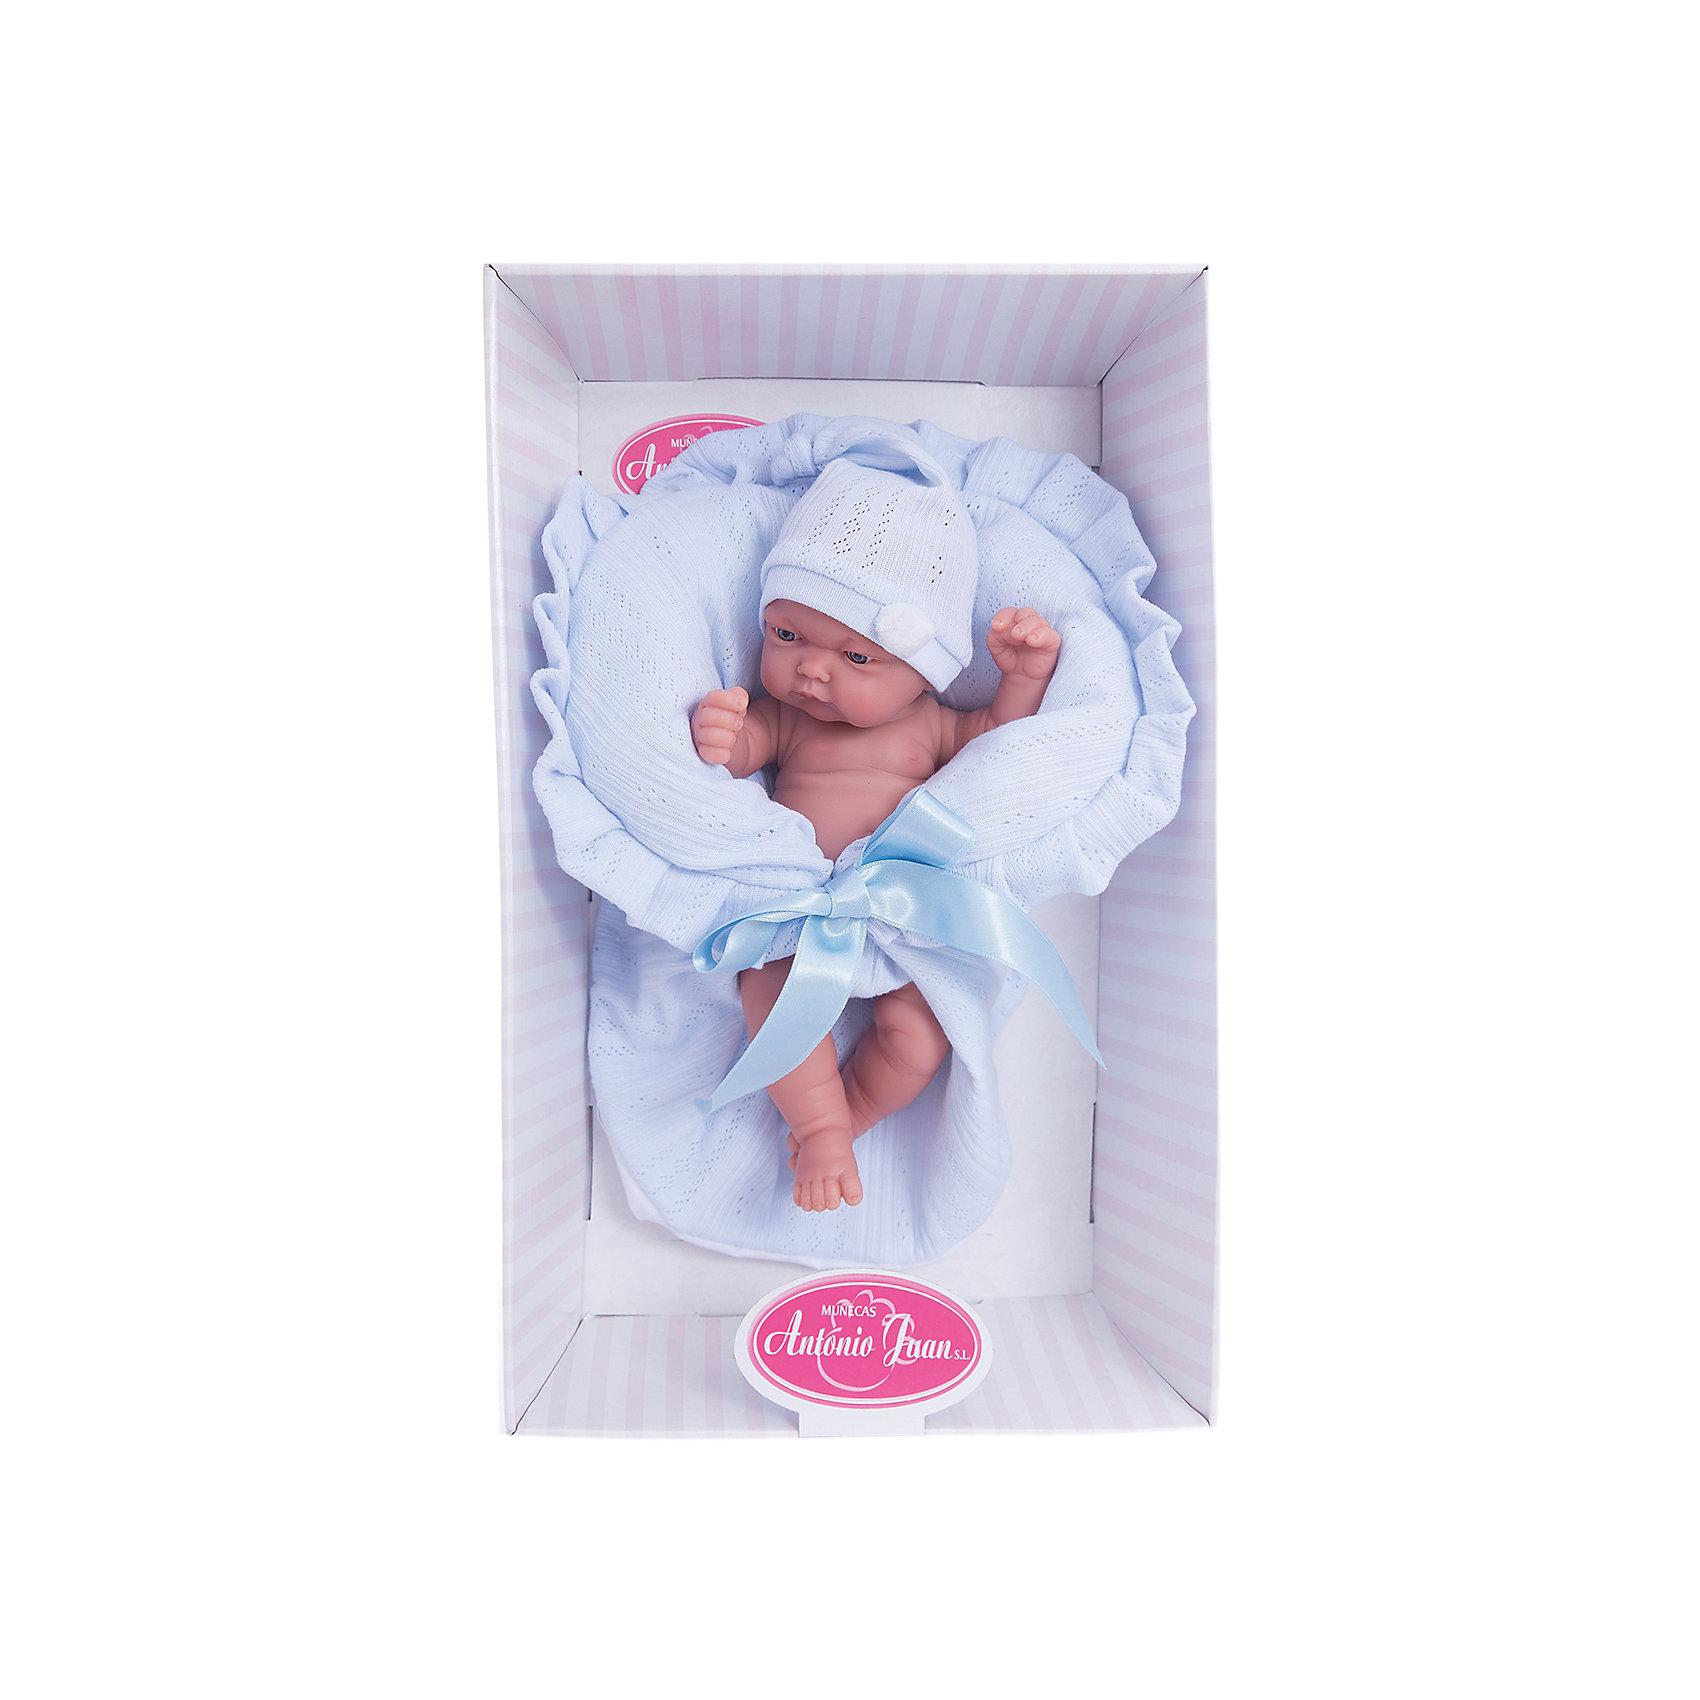 Кукла-младенец Леон в голубом, 26 см, Munecas Antonio JuanКуклы<br>Характеристики товара:<br><br>• возраст: от 3 лет;<br>• материал: винил, текстиль;<br>• в комплекте: кукла, одежда, одеяло;<br>• высота куклы: 26 см;<br>• размер упаковки: 30х17х12 см;<br>• вес упаковки: 640 гр.;<br>• страна производитель: Испания.<br><br>Кукла-младенец Леон в голубом Munecas Antonio Juan — очаровательный малыш с выразительными глазками и пухлыми щечками. Кукла одета в шапочку и трусики. В комплекте вязаное одеяло, укутав в которое пупса, он будет сладко спать.<br><br>У куклы подвижные ручки и ножки. Игра с куклой привьет девочке чувство заботы, помощи, ответственности и любви. Кукла выполнена из качественных безопасных материалов.<br><br>Куклу-младенца Леон в голубом Munecas Antonio Juan можно приобрести в нашем интернет-магазине.<br><br>Ширина мм: 315<br>Глубина мм: 105<br>Высота мм: 180<br>Вес г: 1260<br>Возраст от месяцев: 36<br>Возраст до месяцев: 2147483647<br>Пол: Женский<br>Возраст: Детский<br>SKU: 5367049